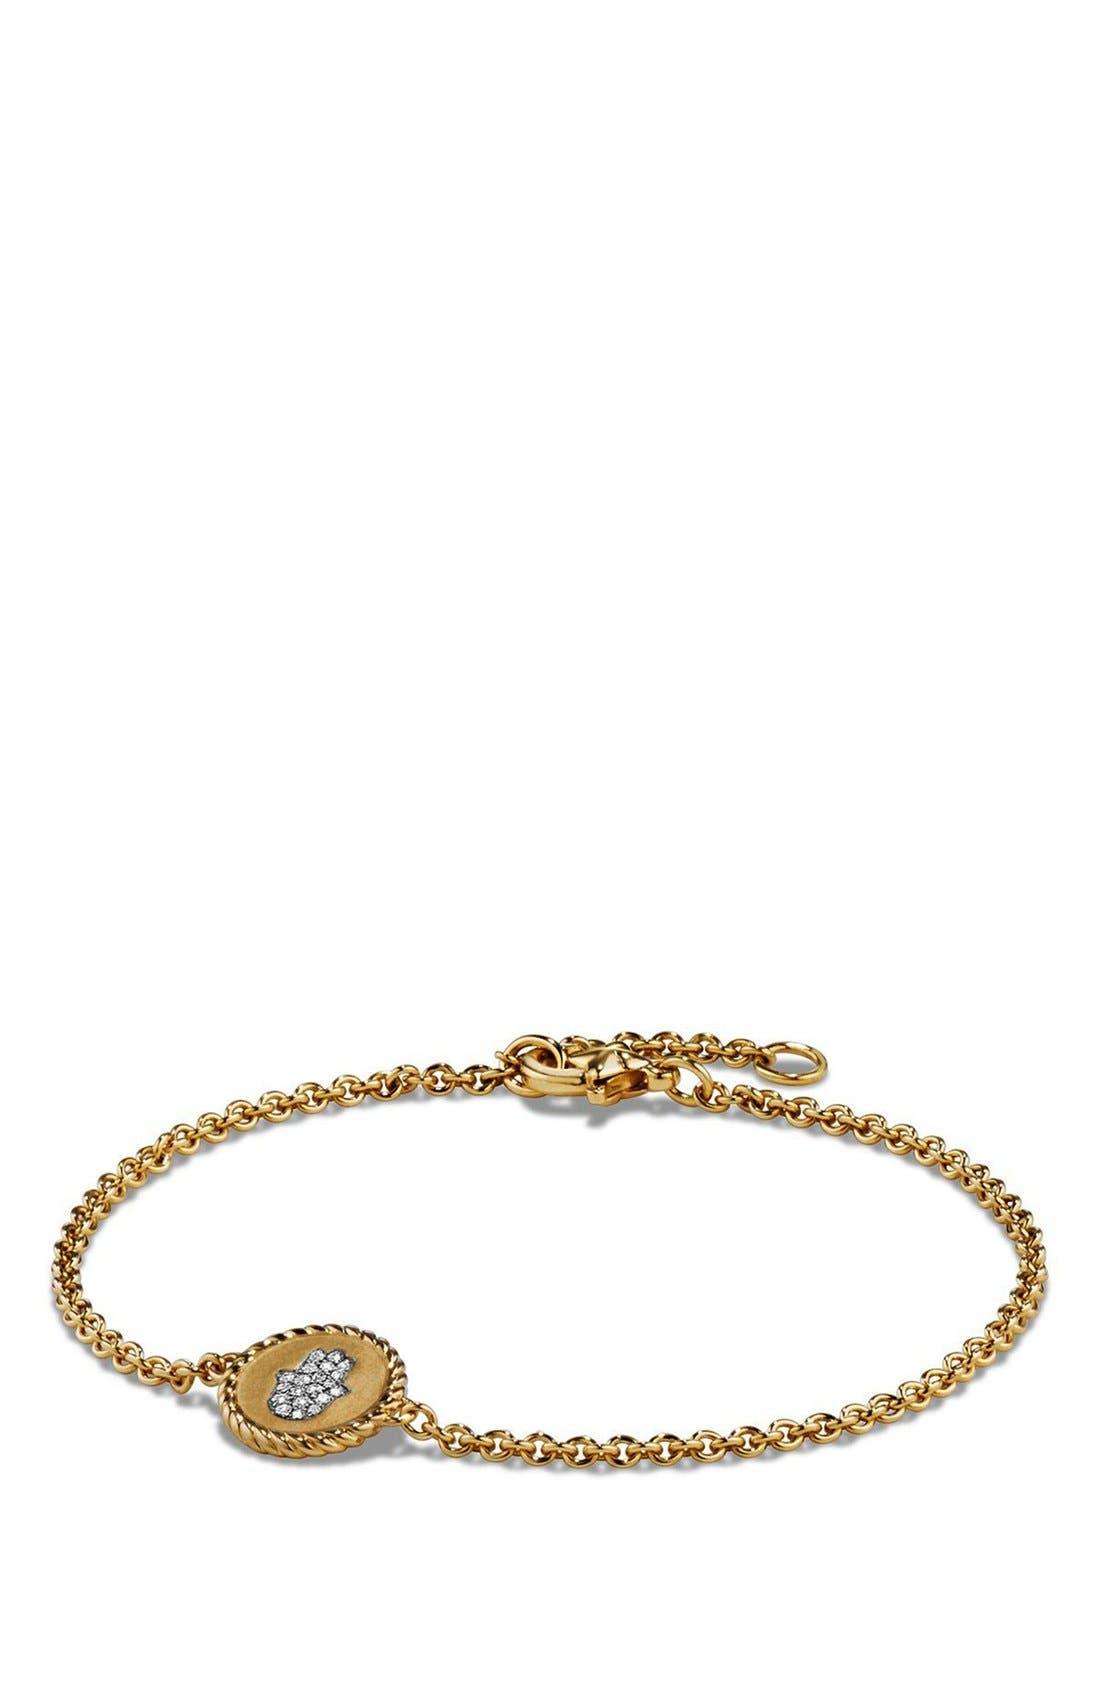 'Petite Pavé' Hamsa Bracelet with Diamonds in 18K Gold,                         Main,                         color, GOLD